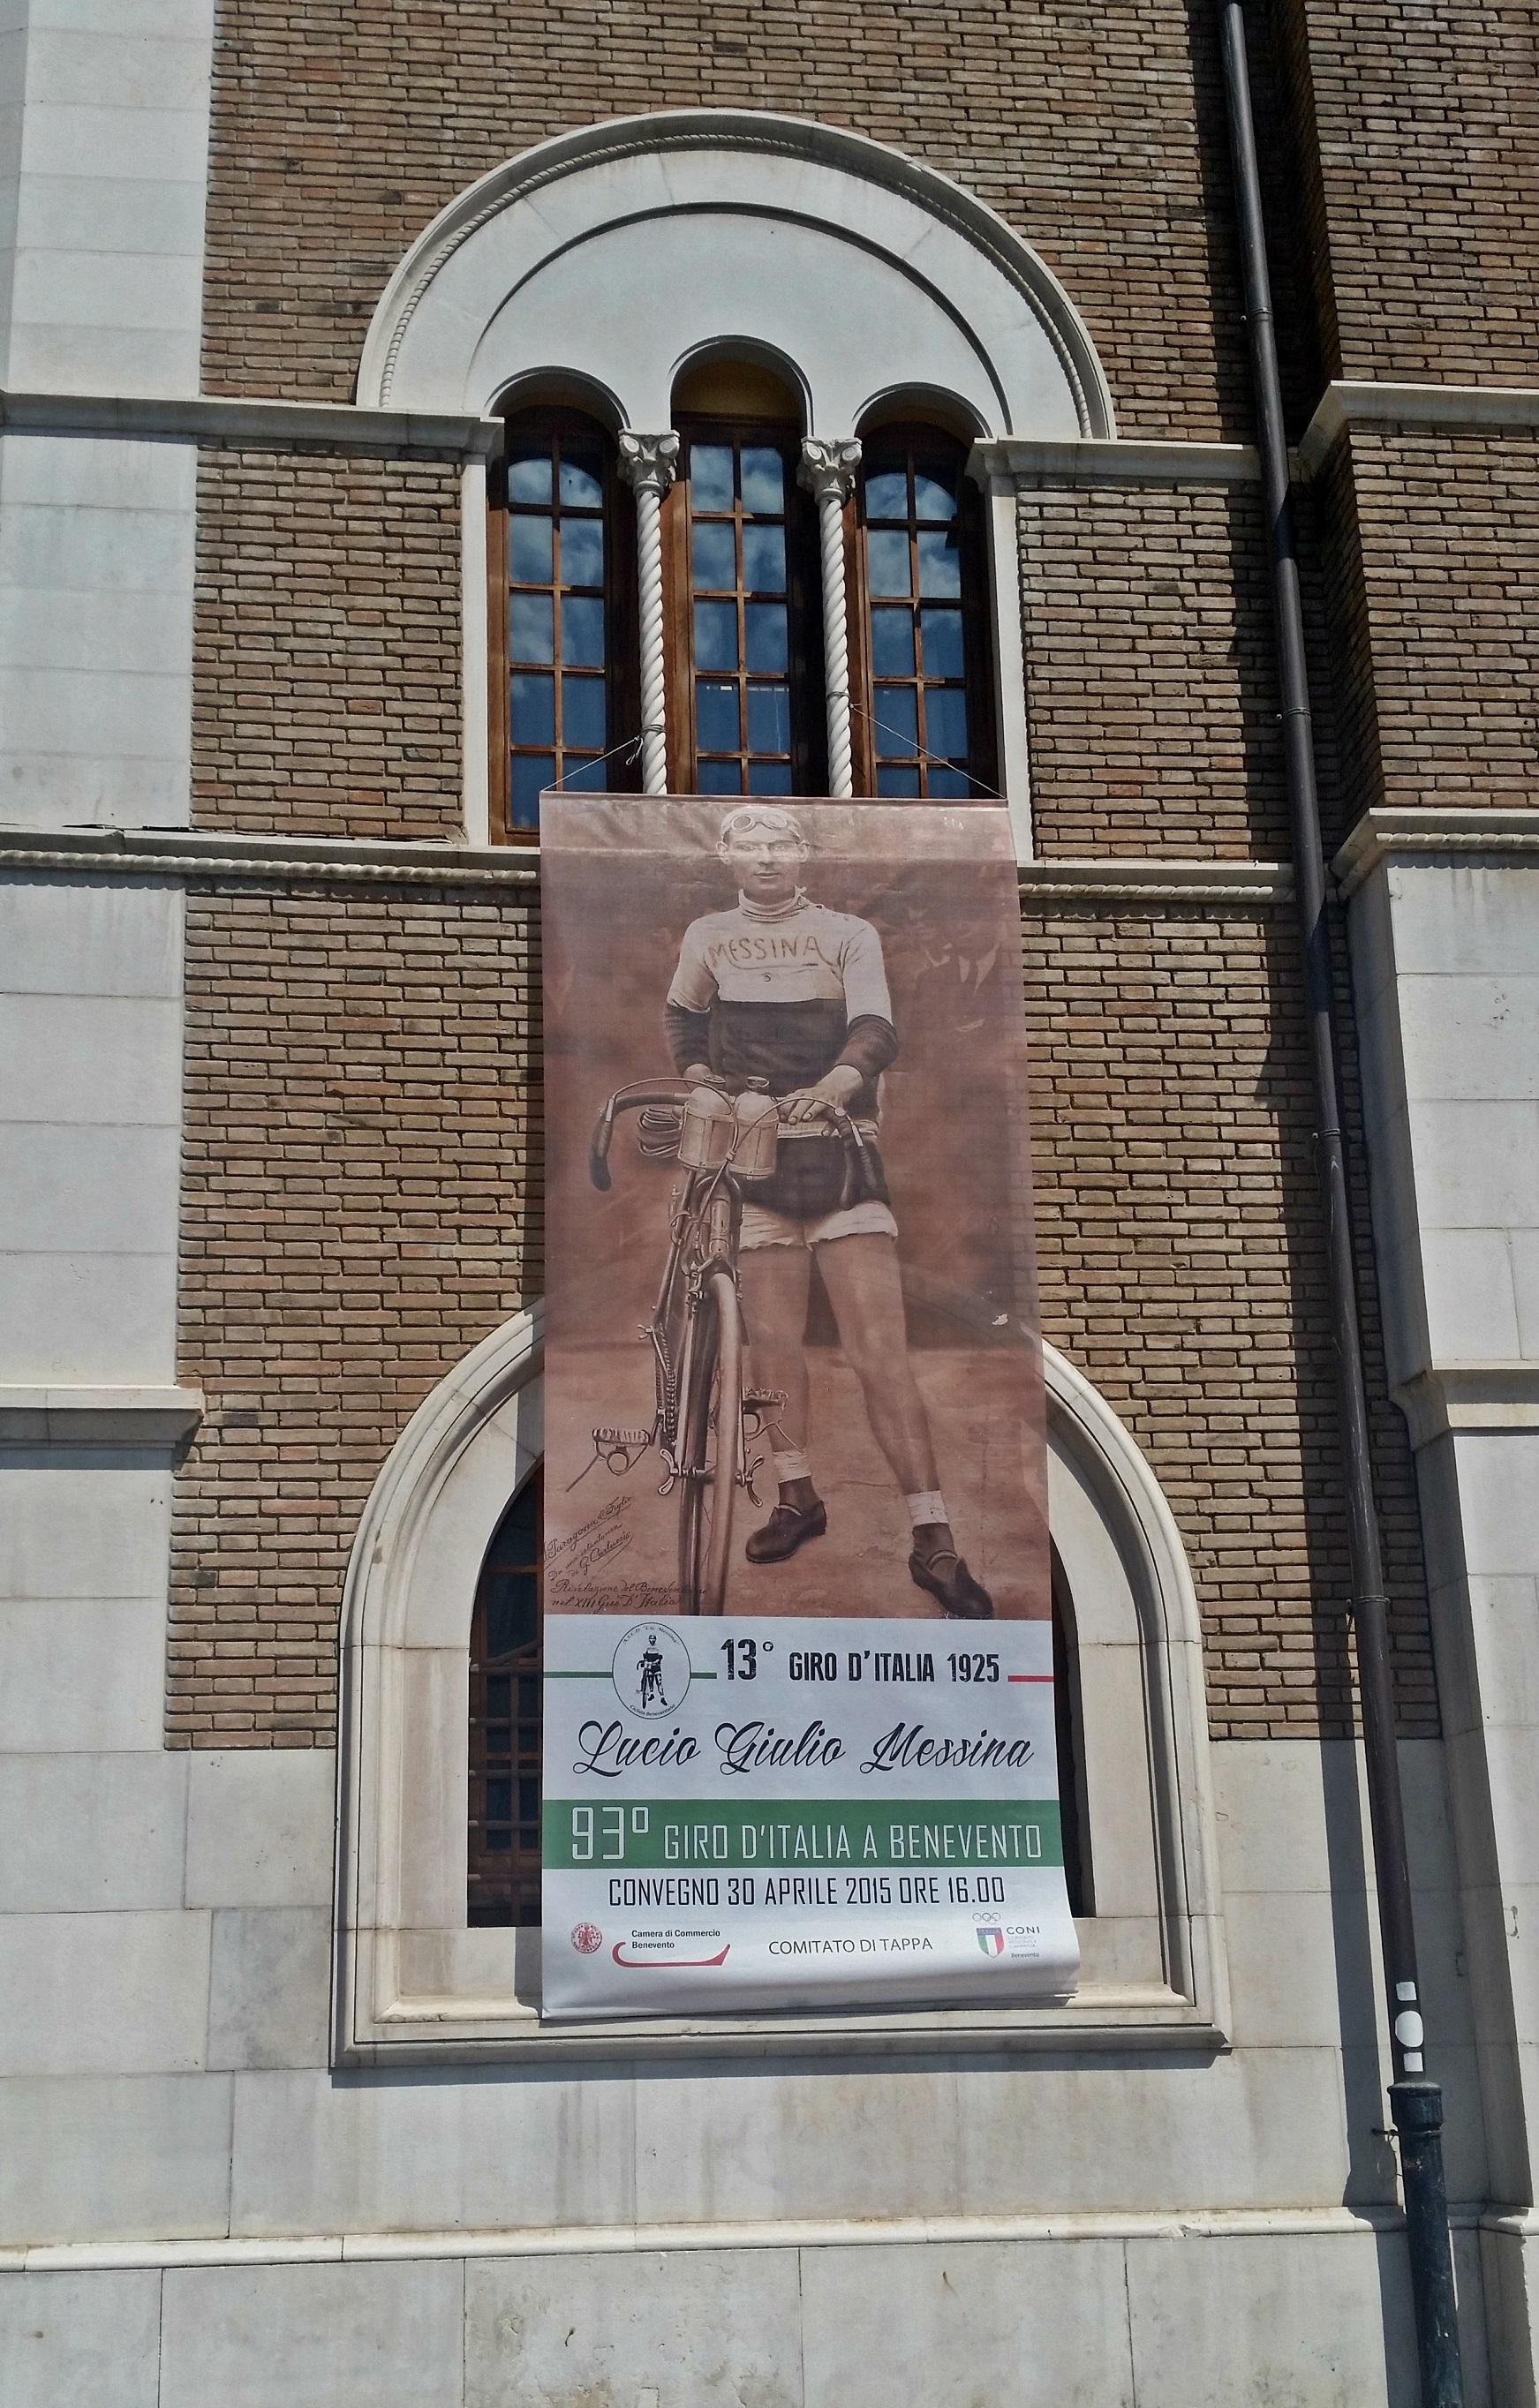 La Camera di Commercio celebra Giulio Messina, unico sannita ad aver partecipato al Giro d'Italia